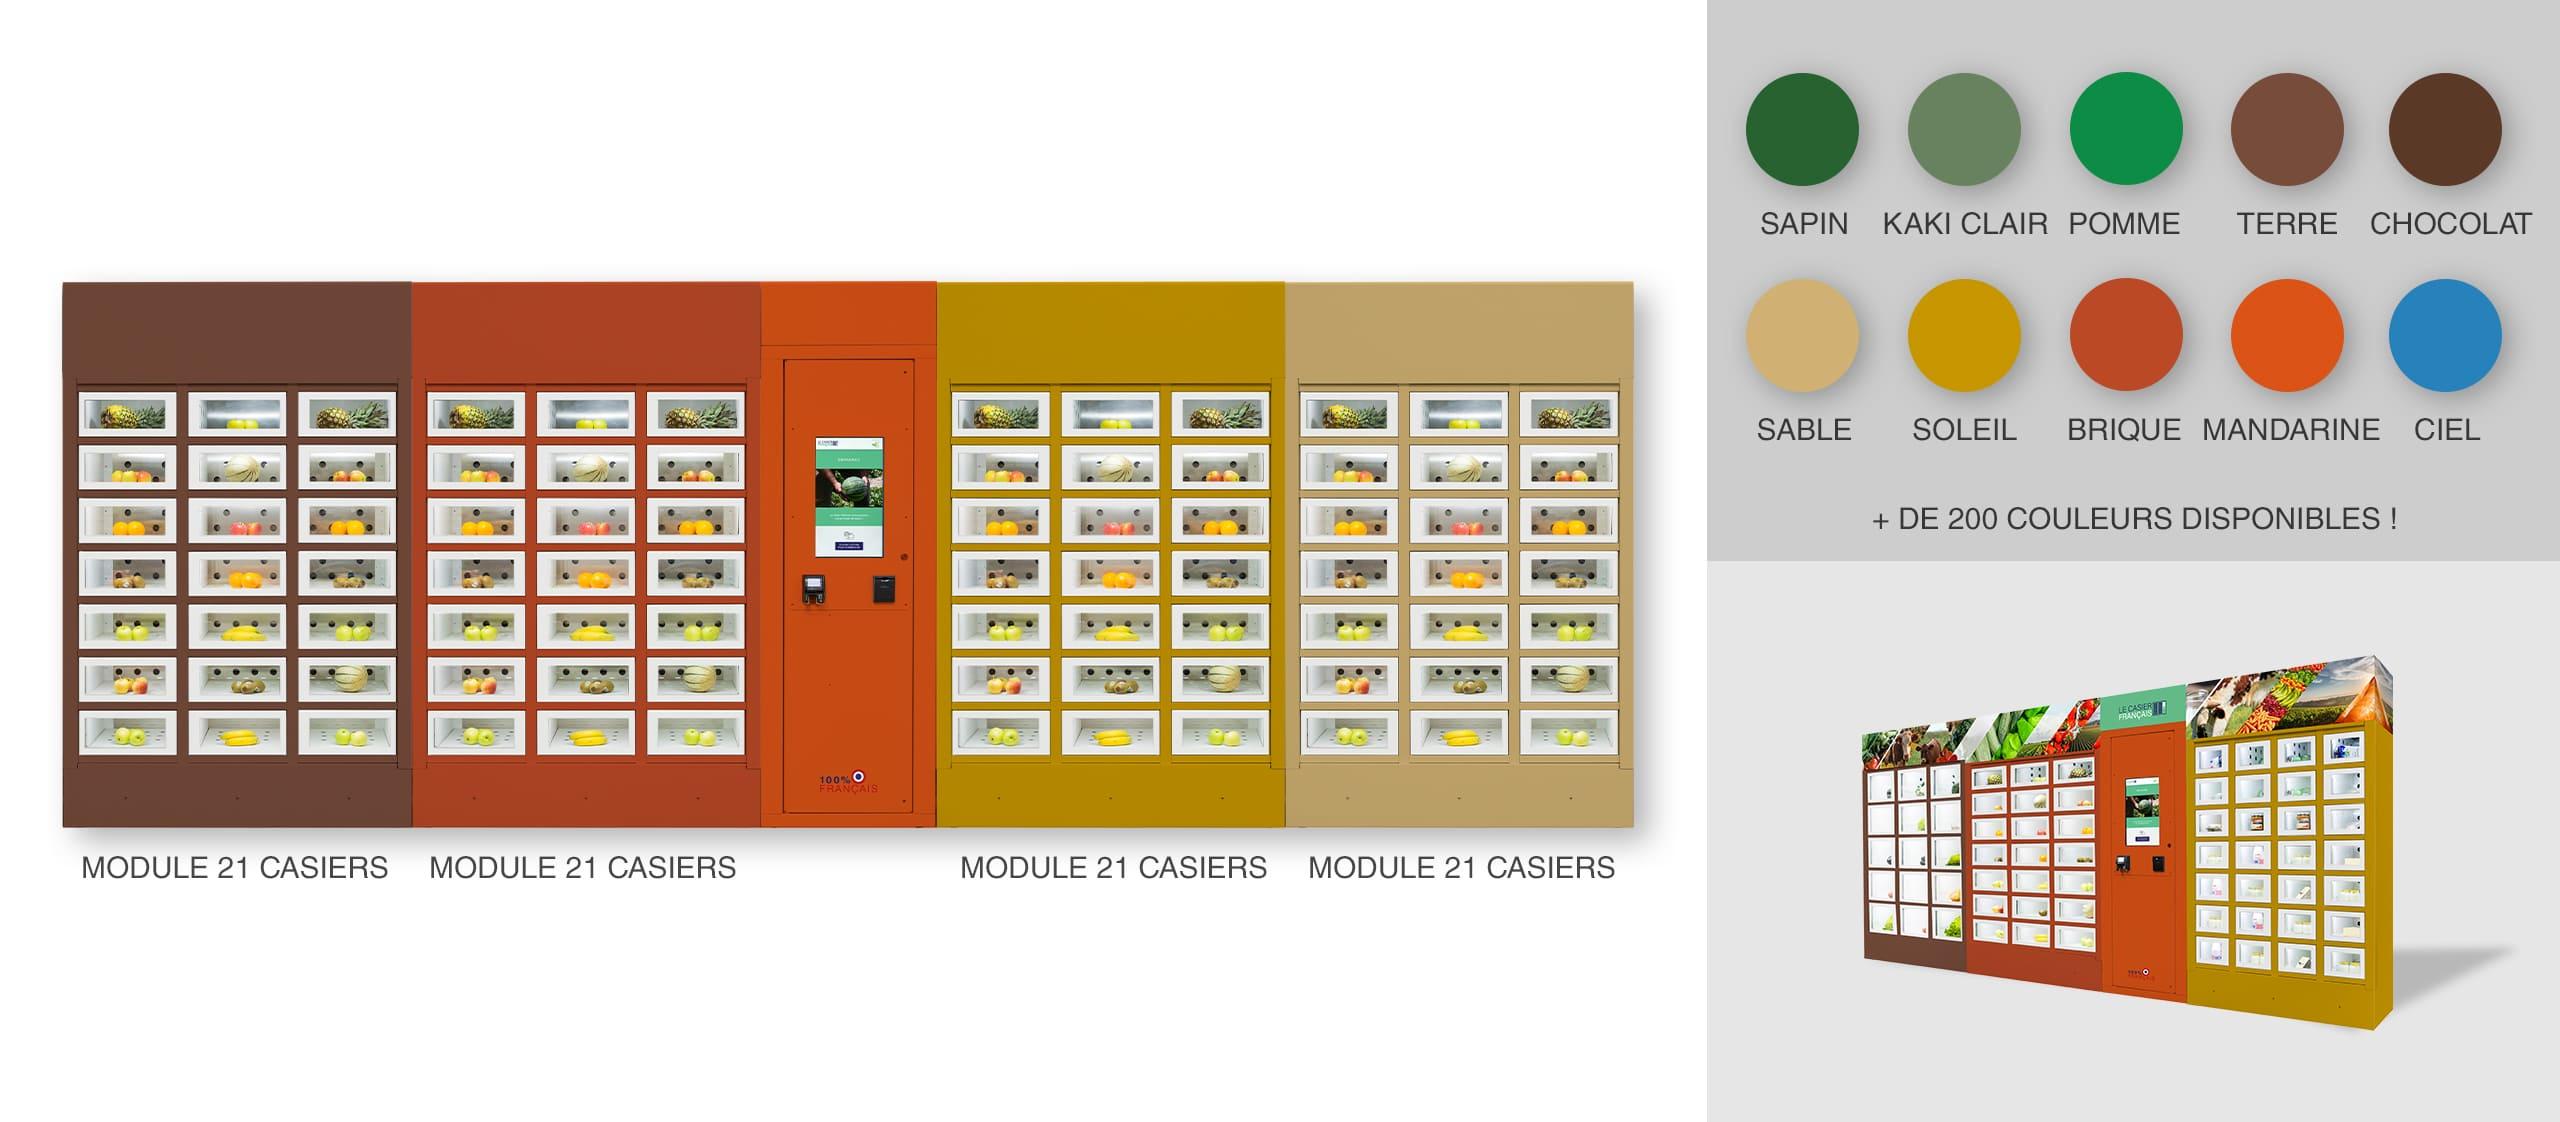 Habillage différentes couleurs par module d'un distributeur automatique Le Casier Français